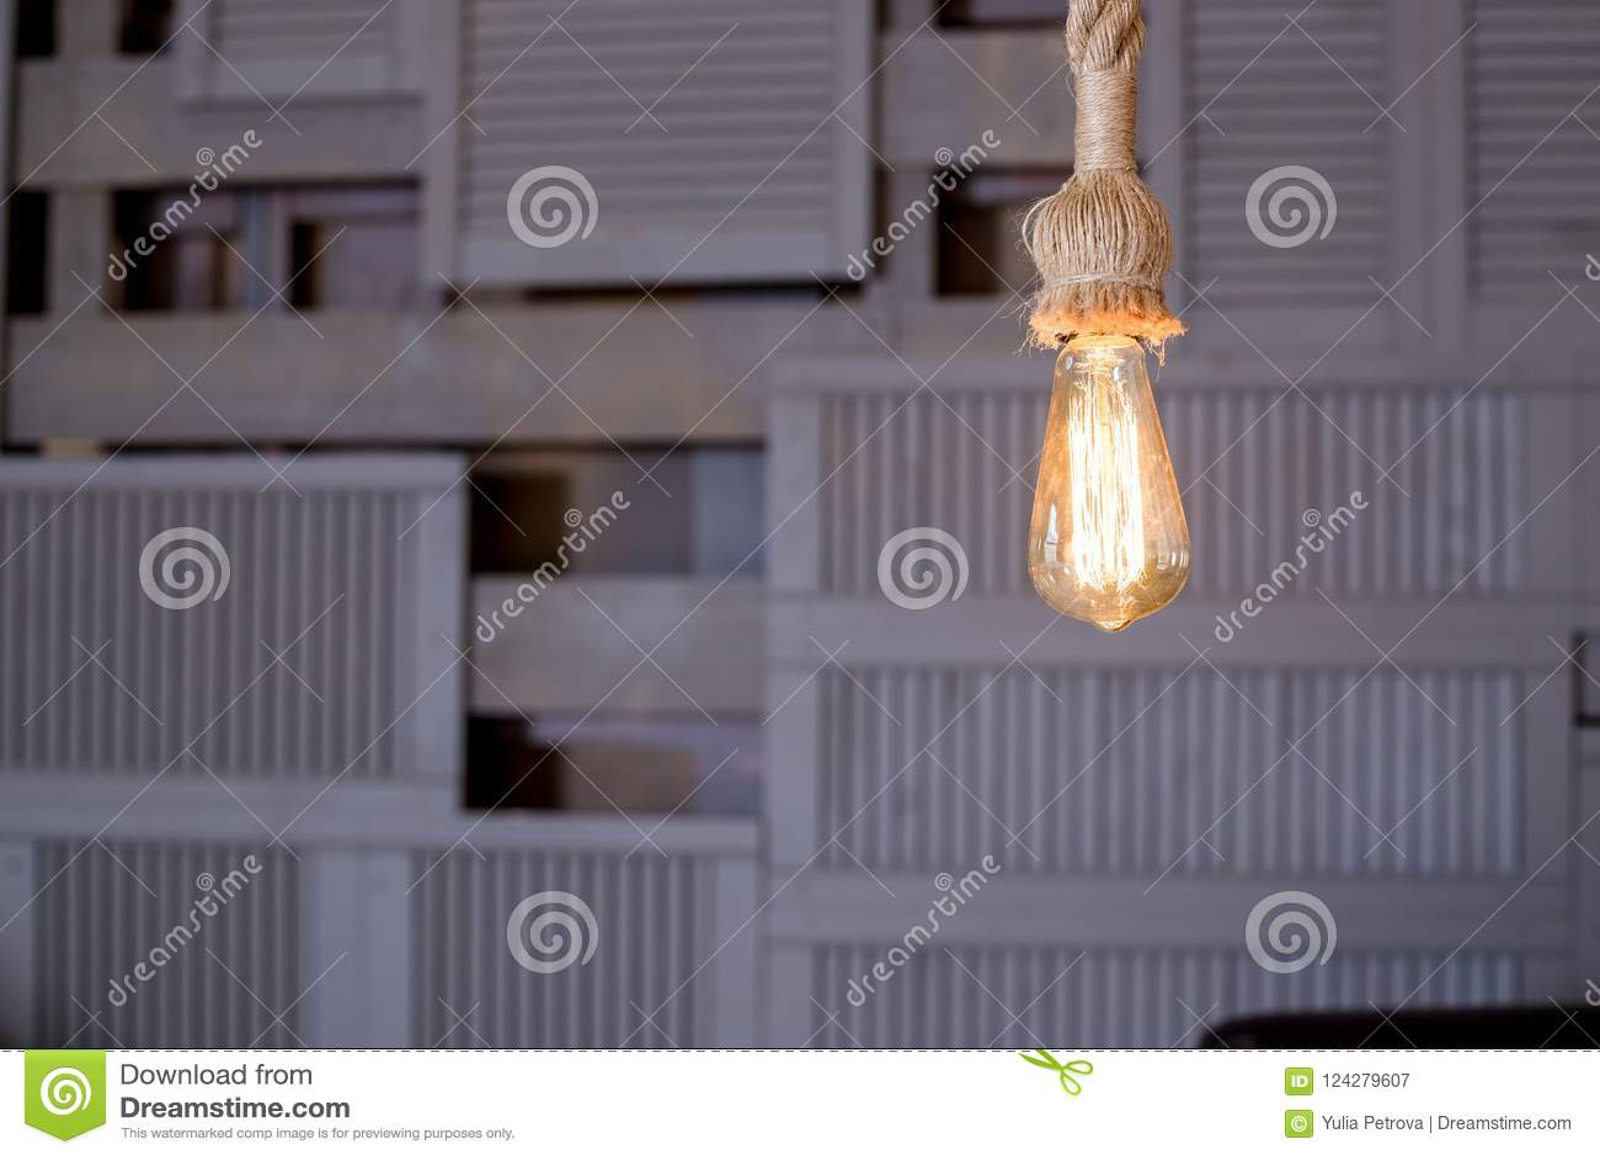 Лампы с нитью вольфрама Электрическая лампочка Edison Нить нити в винтажных лампах Ретро дизайн электрических лампочек